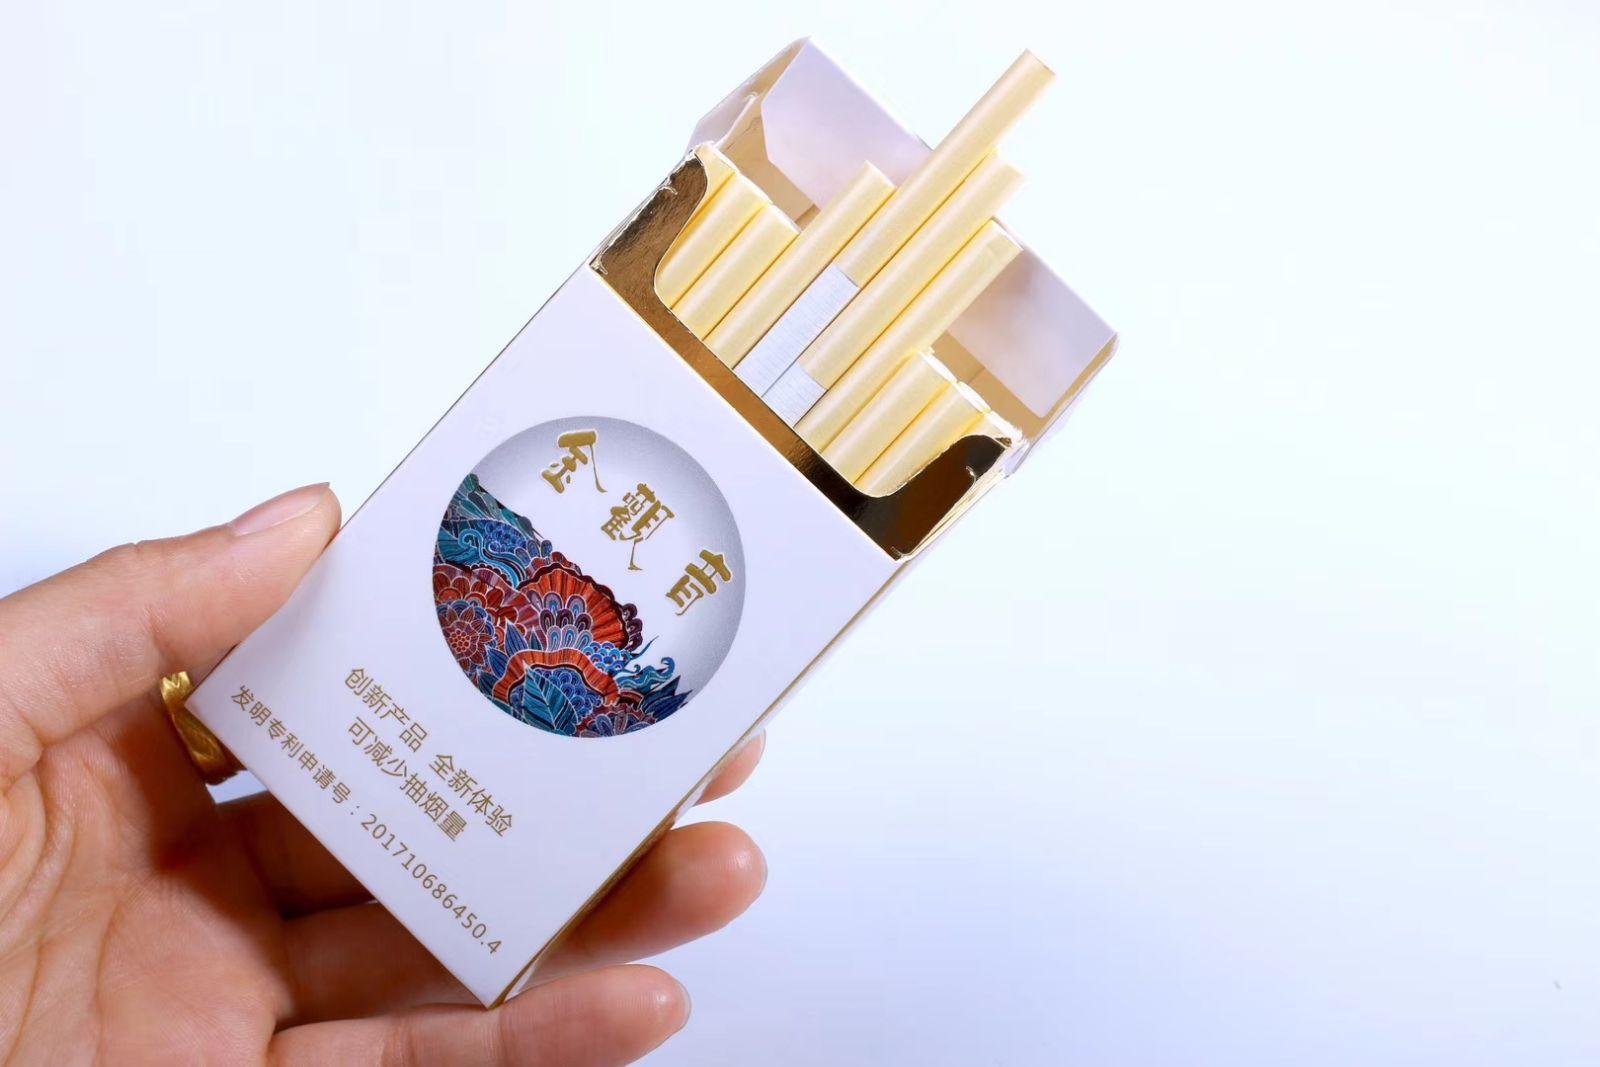 铁观音茶烟点燃型薄荷味戒烟正品包邮新品男女士非烟草专卖烟可泡